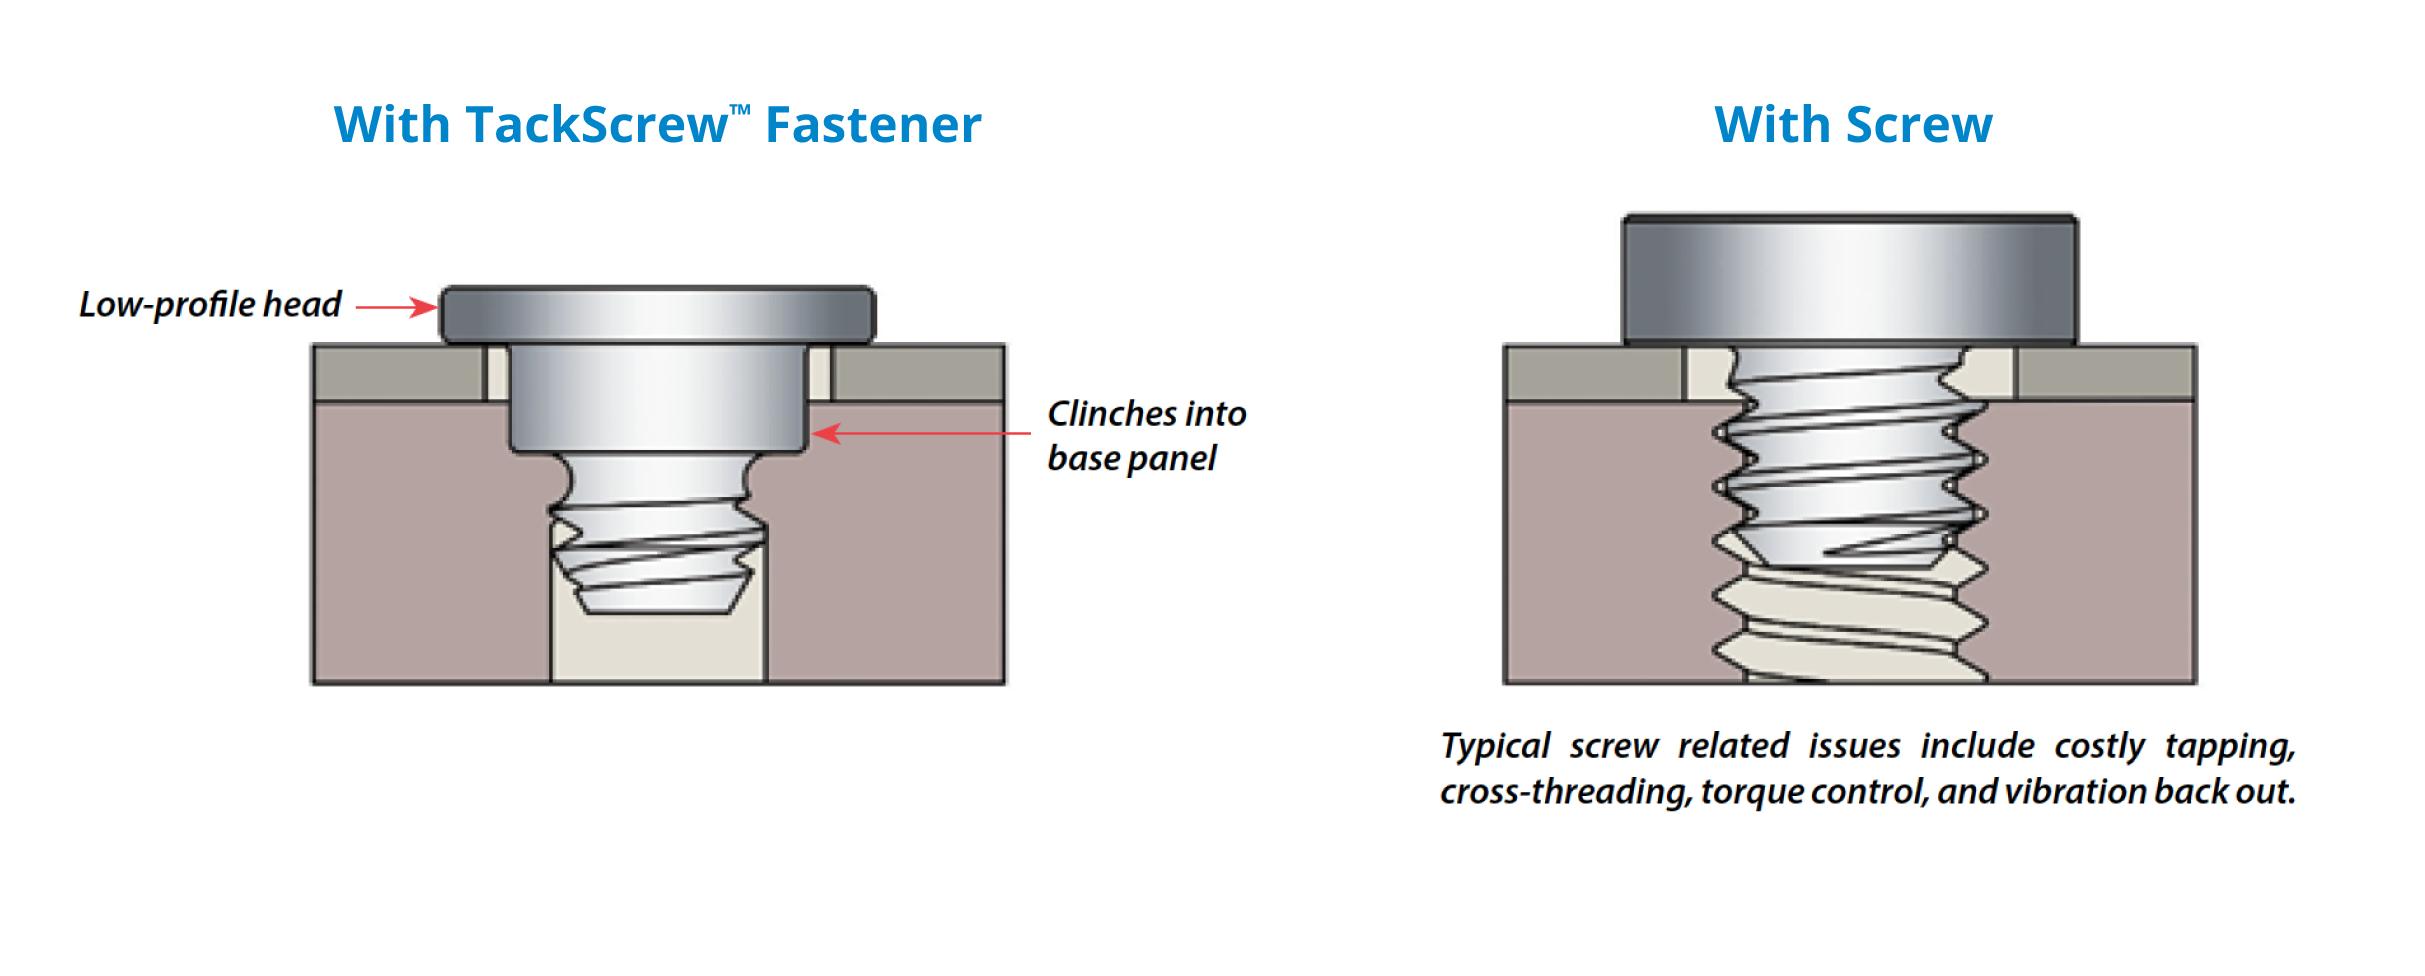 tackscrew-comparison